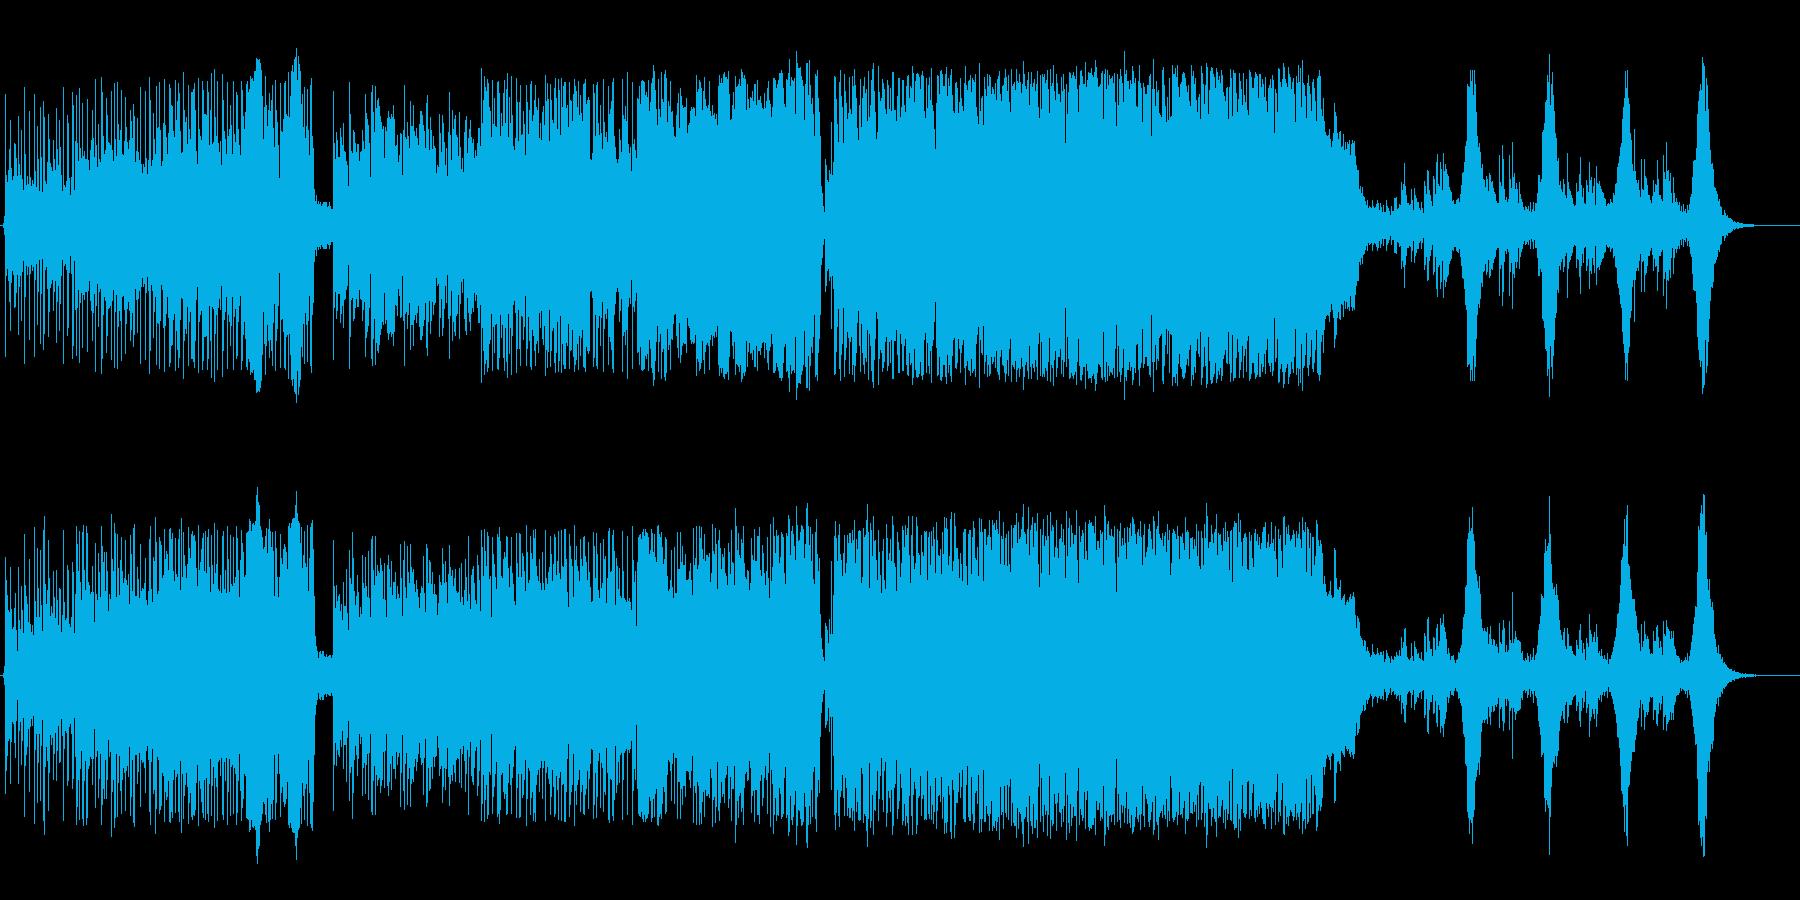 ケルト風アコースティックロックの再生済みの波形